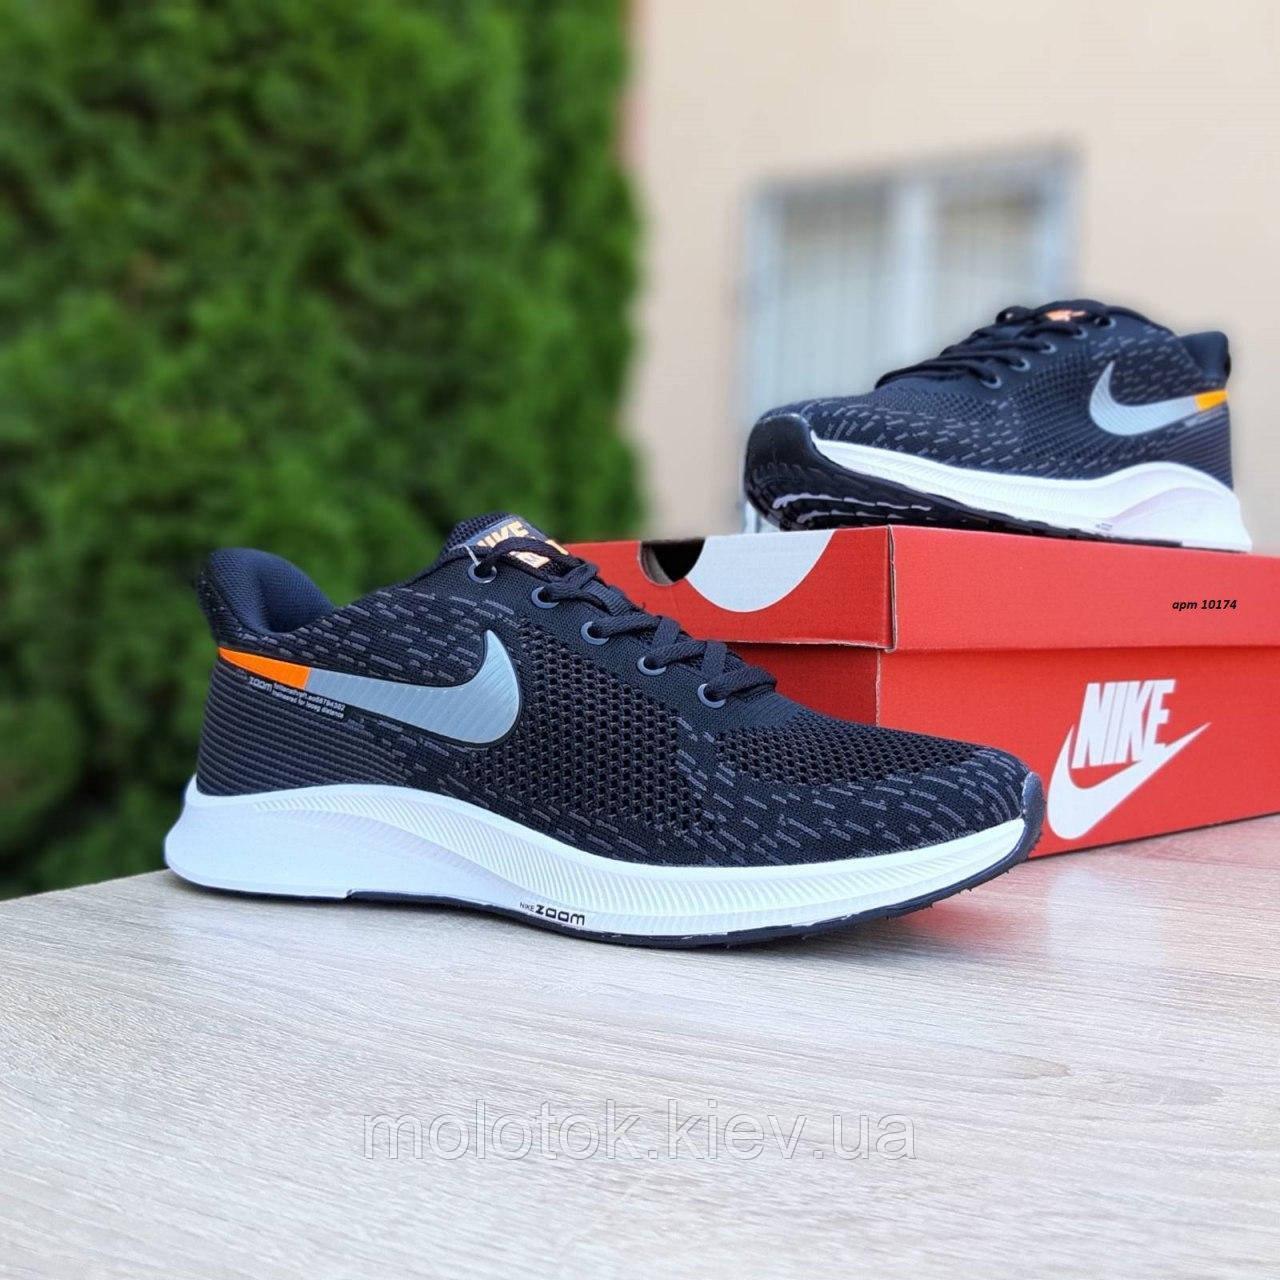 Мужские кроссовки в стиле Nike Zoom AIR черные с оранжевым